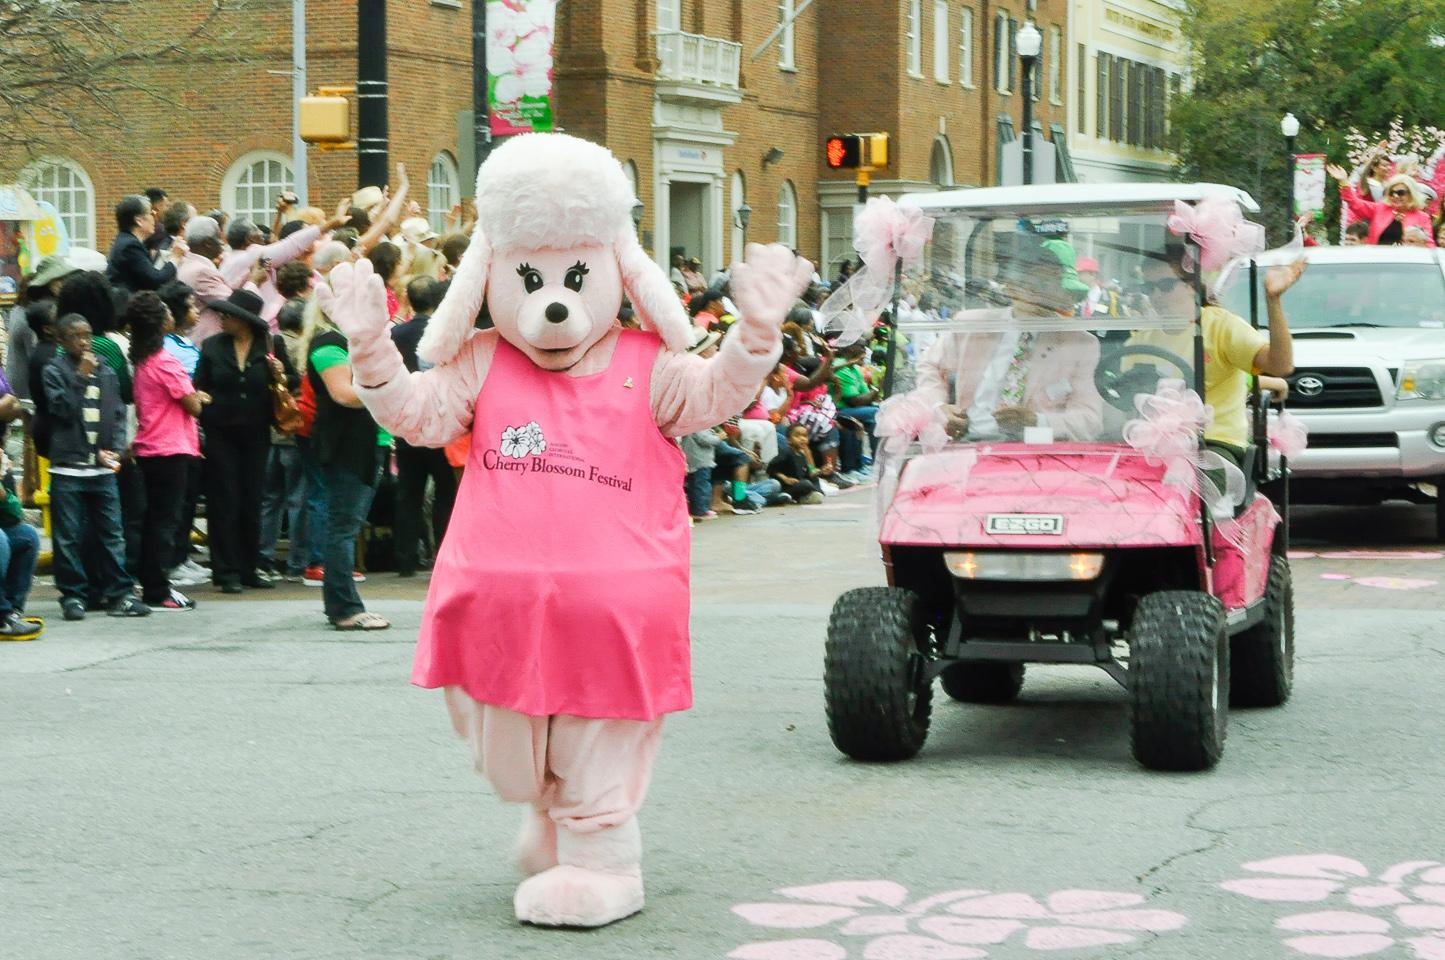 Cherry Blossom Festival, Parade, Macon Ga